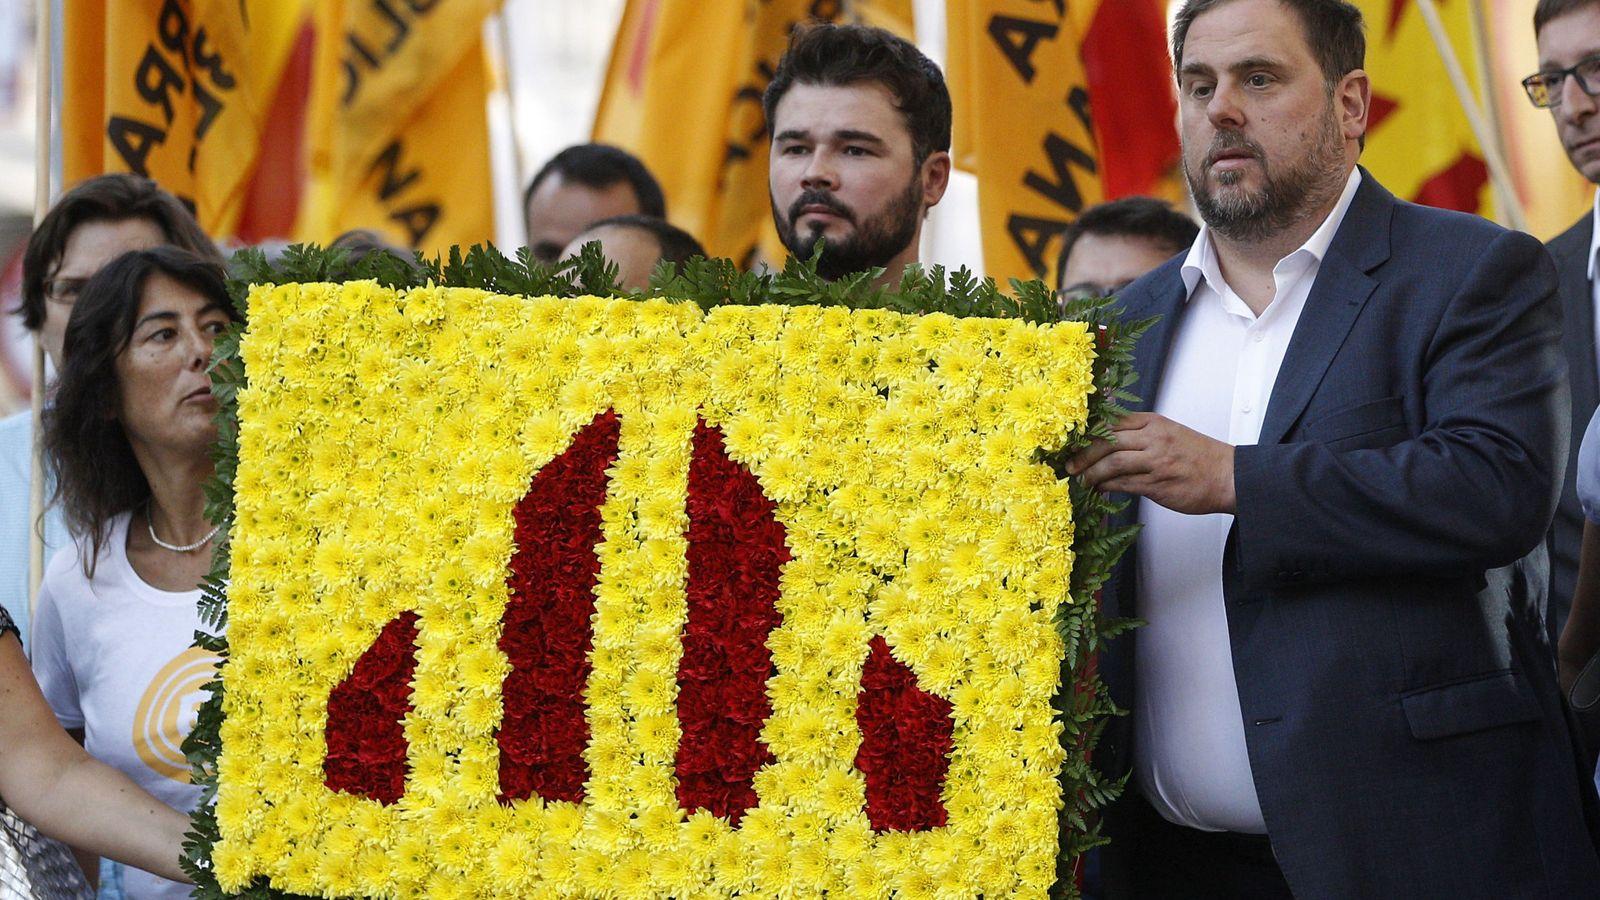 Foto: El diputado de ERC Gabriel Rufián (i) y el líder del partido, Oriol Junqueras (d), en los actos conmemorativos de la Diada. (EFE)